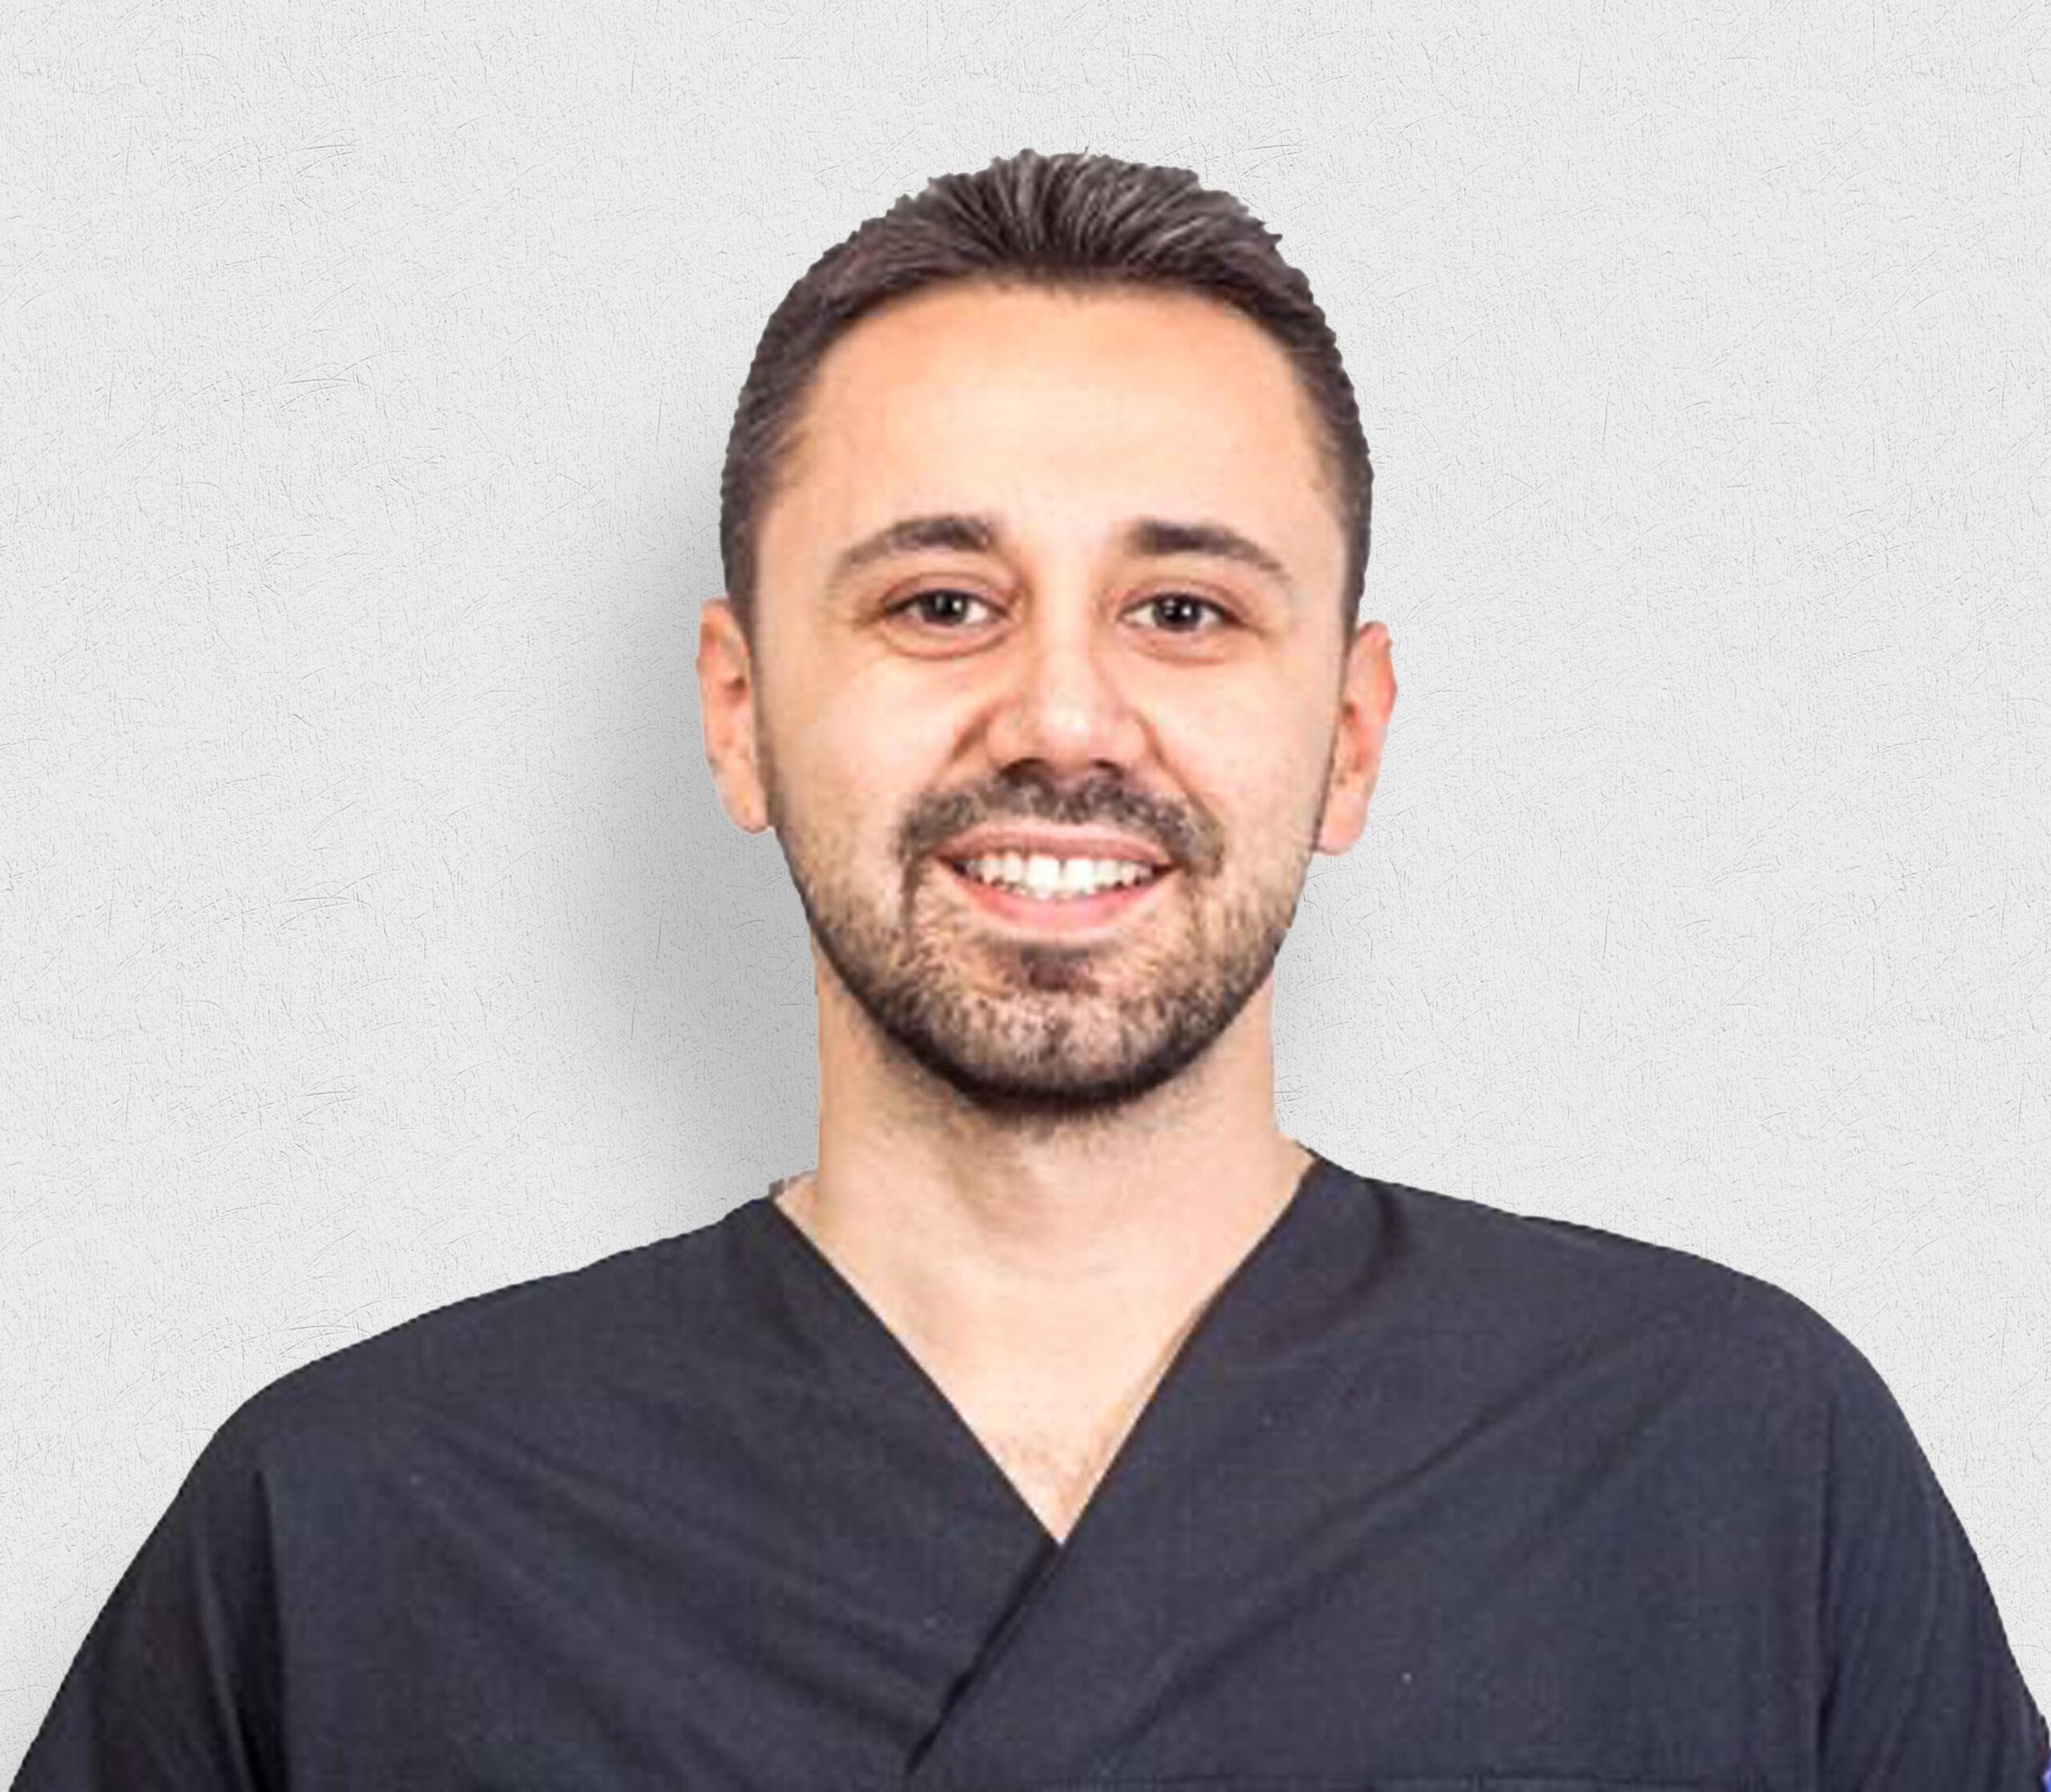 dentist in antalya